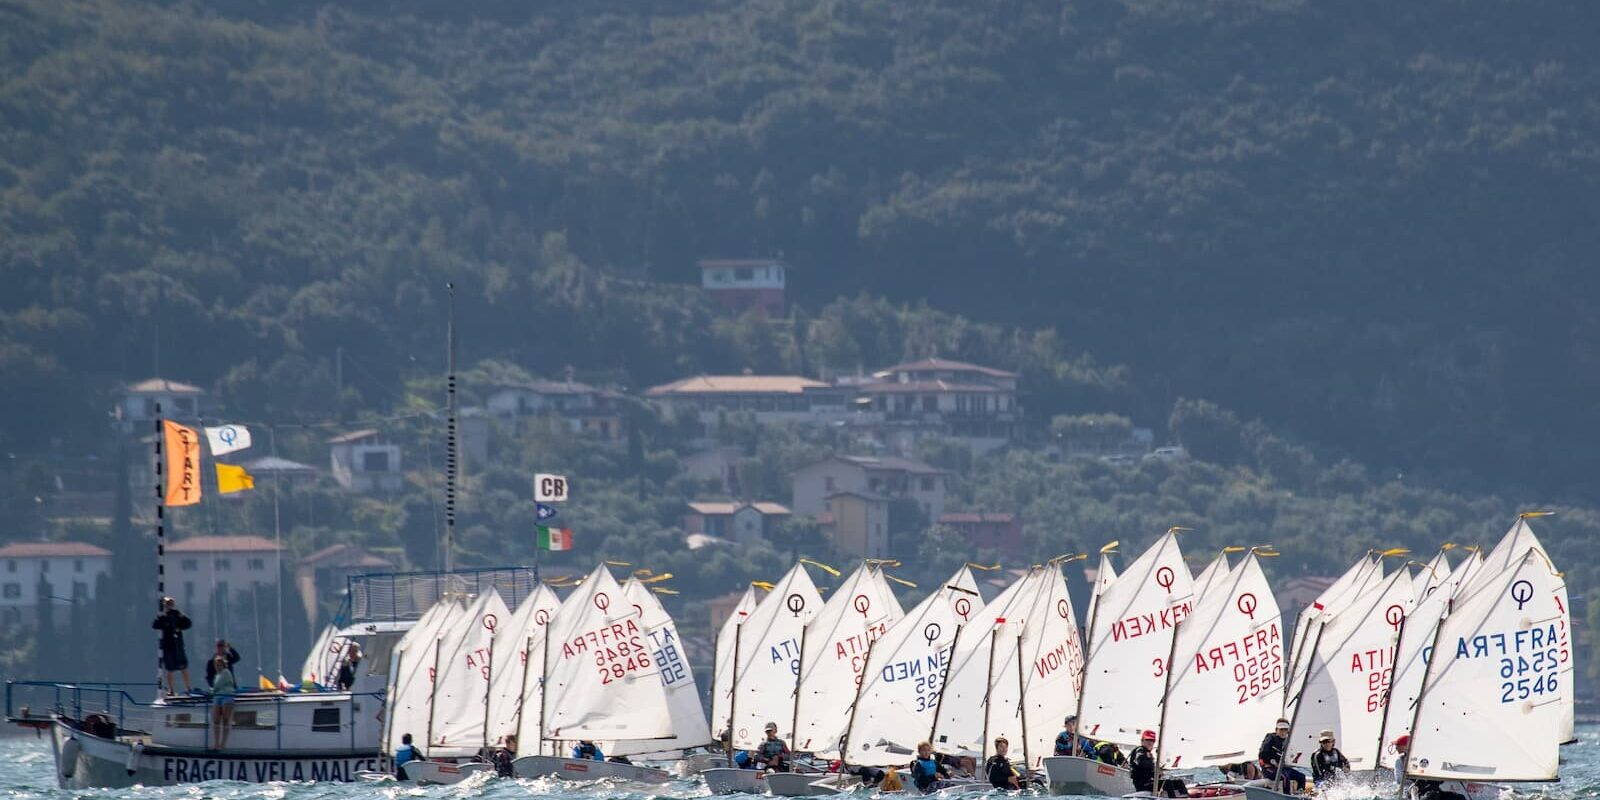 Partenza optimist durante una regata sul Lago di Garda alla Fraglia Vela Malcesine